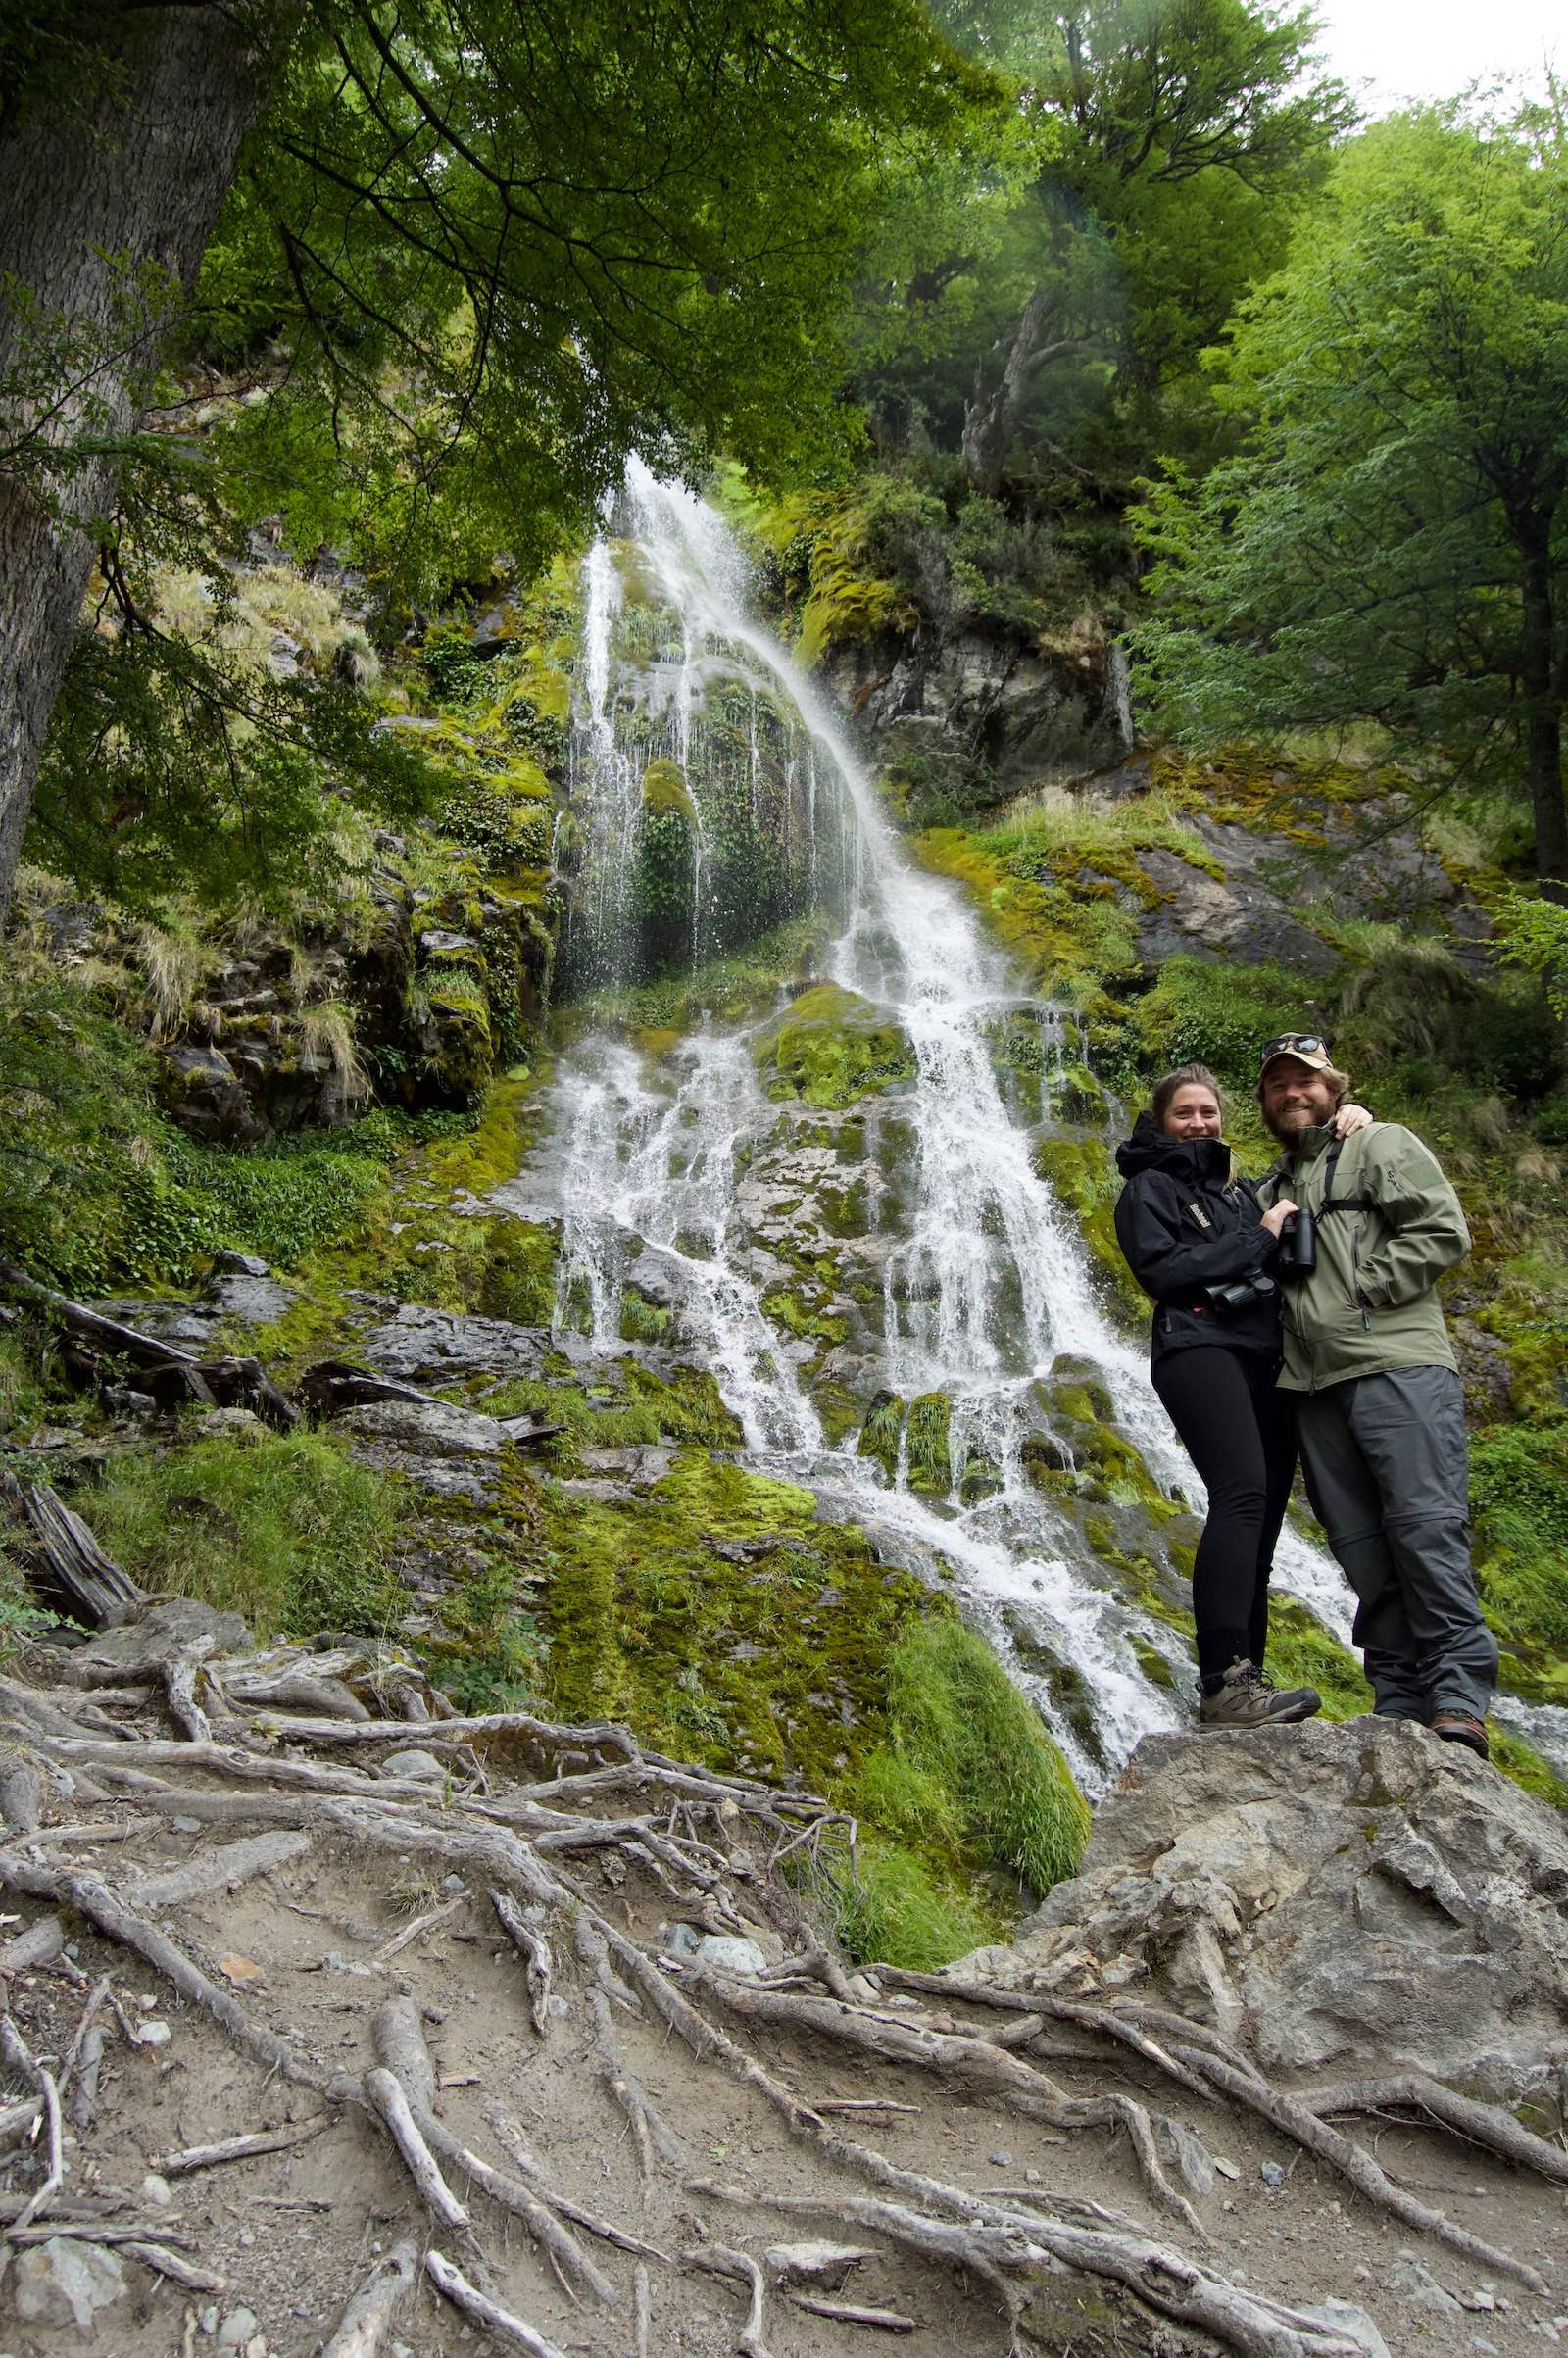 el Chalten, Three fun things to do in El Chaltén, Patagonia Argentina